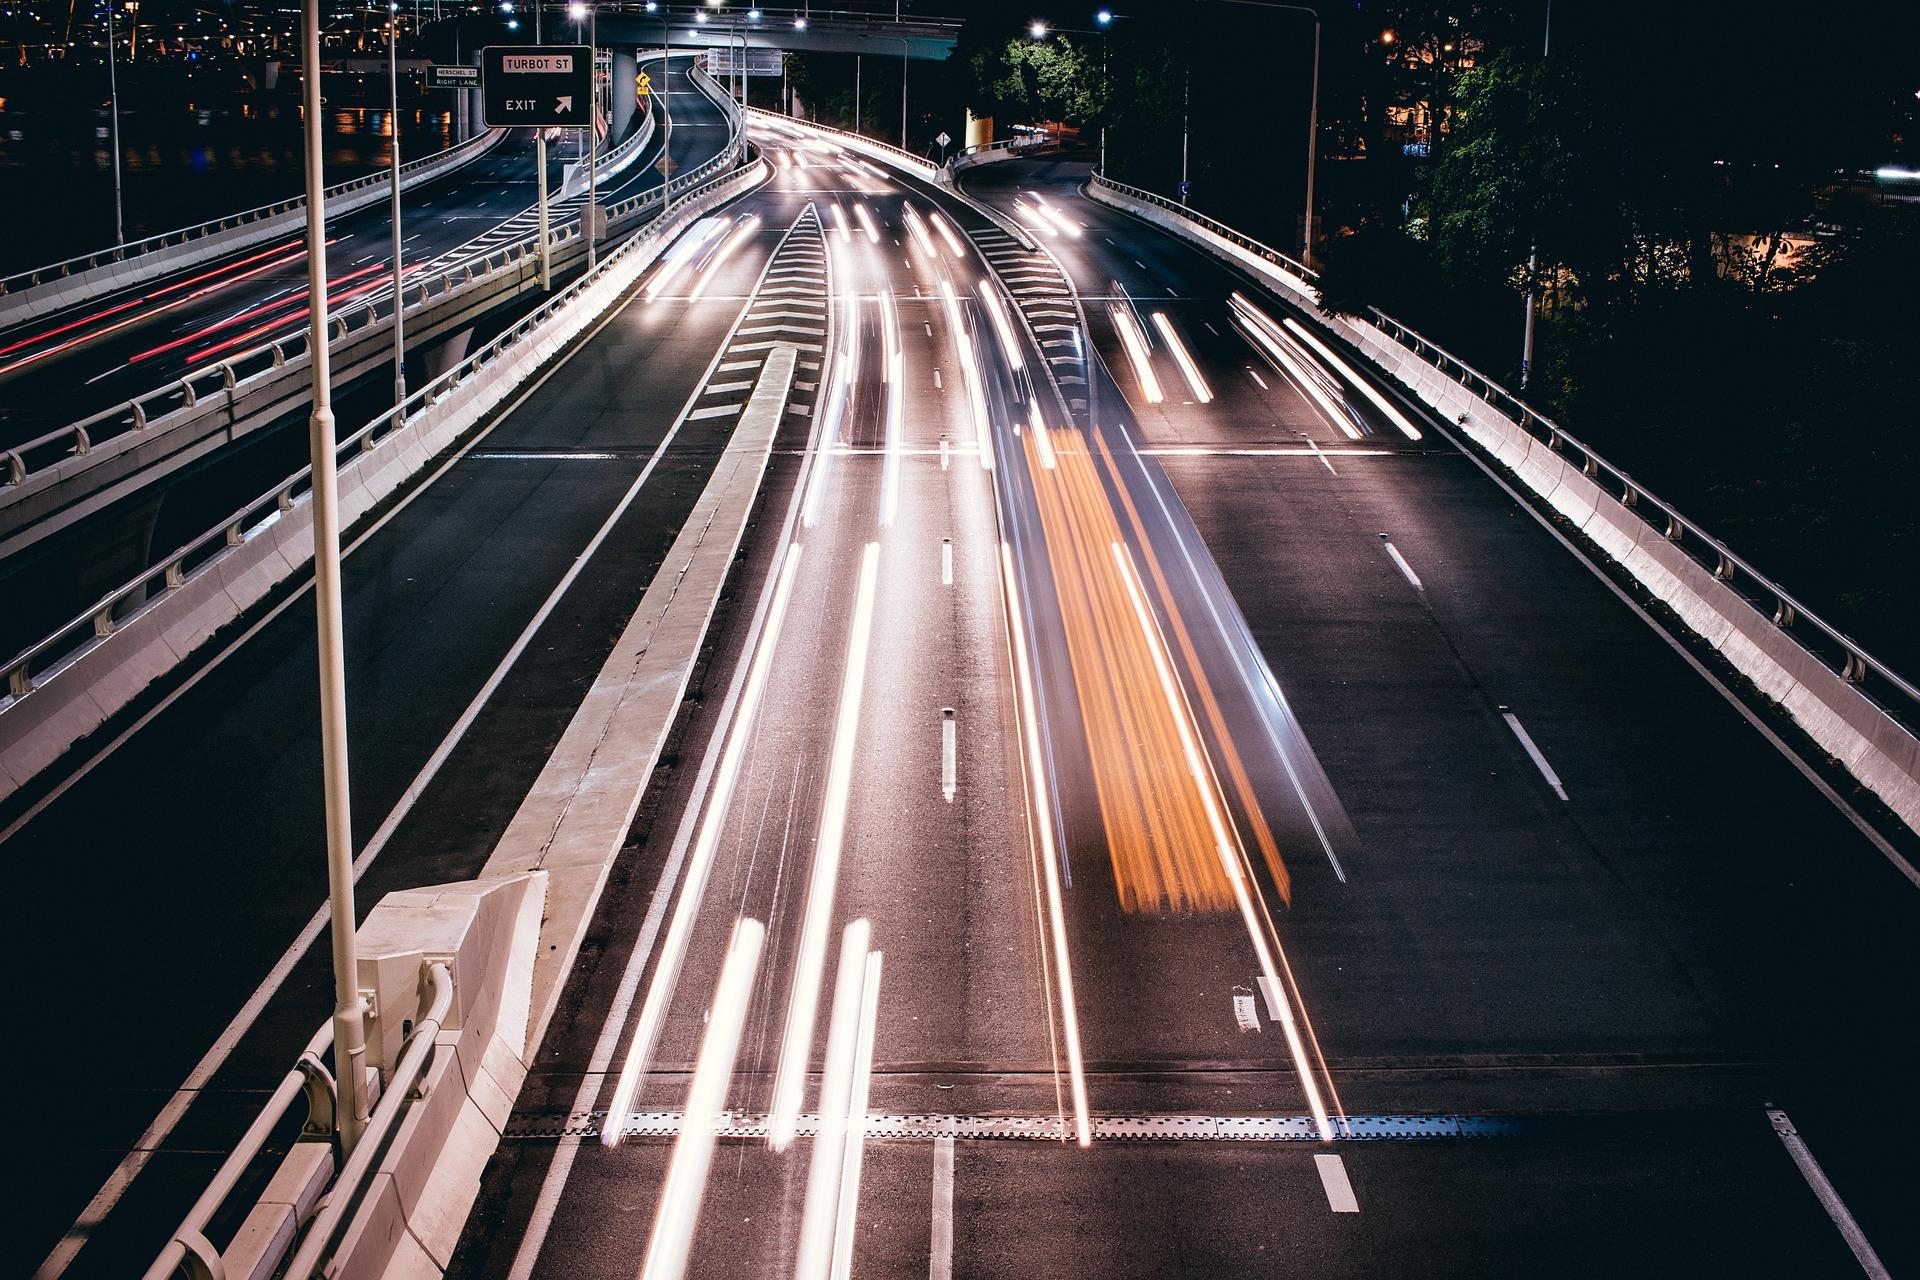 AGCM – Sanzione ad Autostrade per l'Italia S.p.A. per pratica commerciale scorretta.